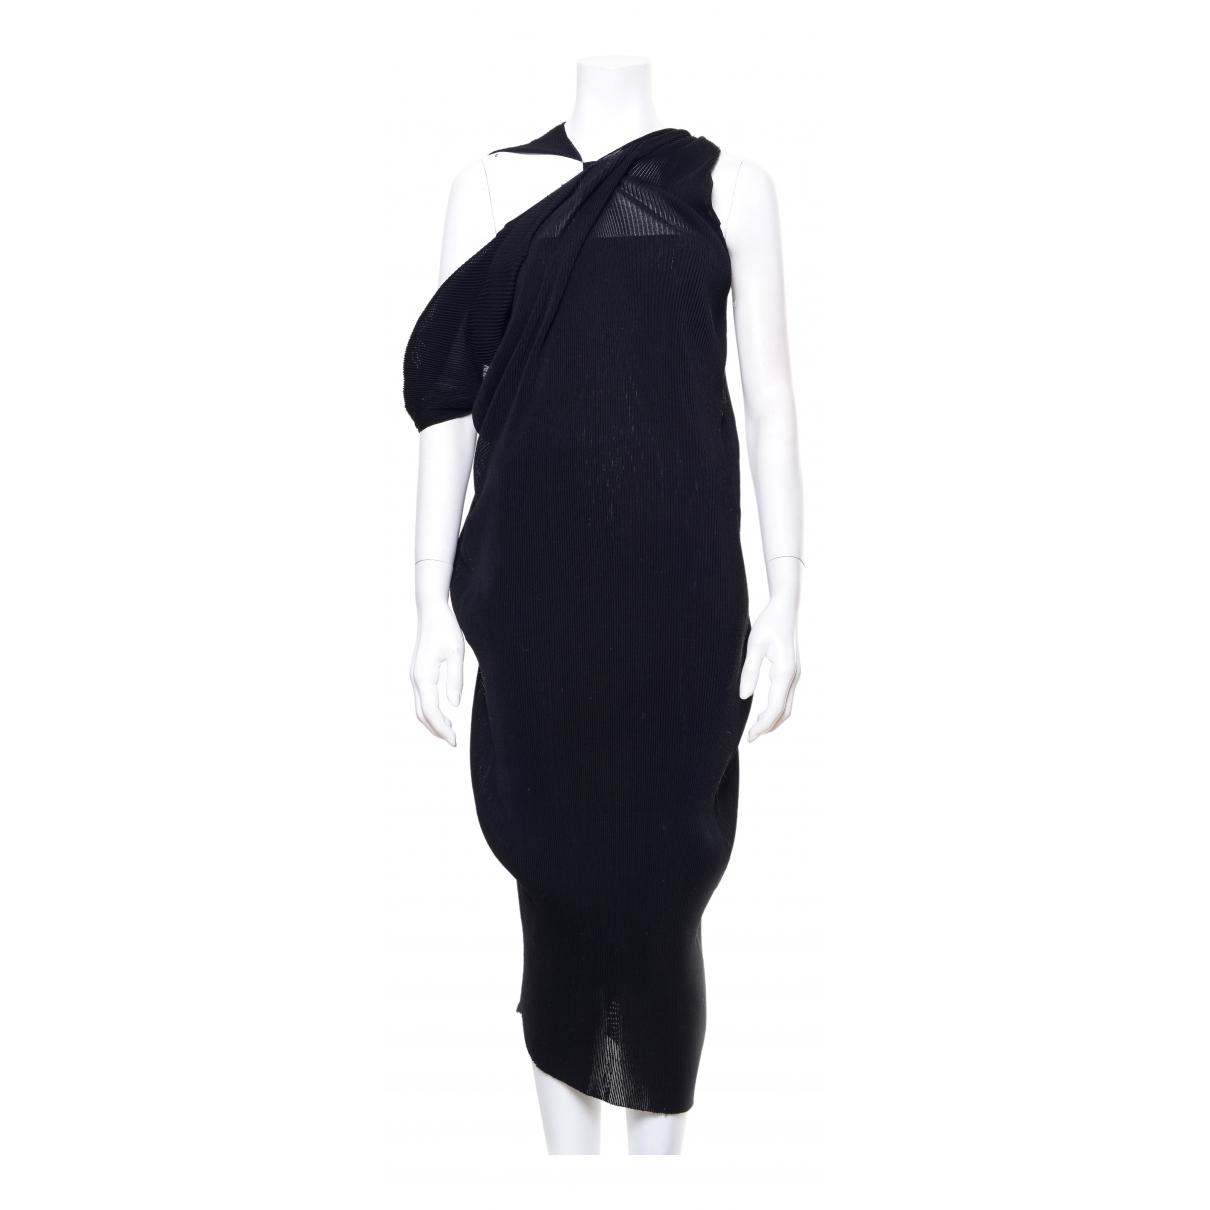 Bottega Veneta \N Kleid in  Schwarz Synthetik